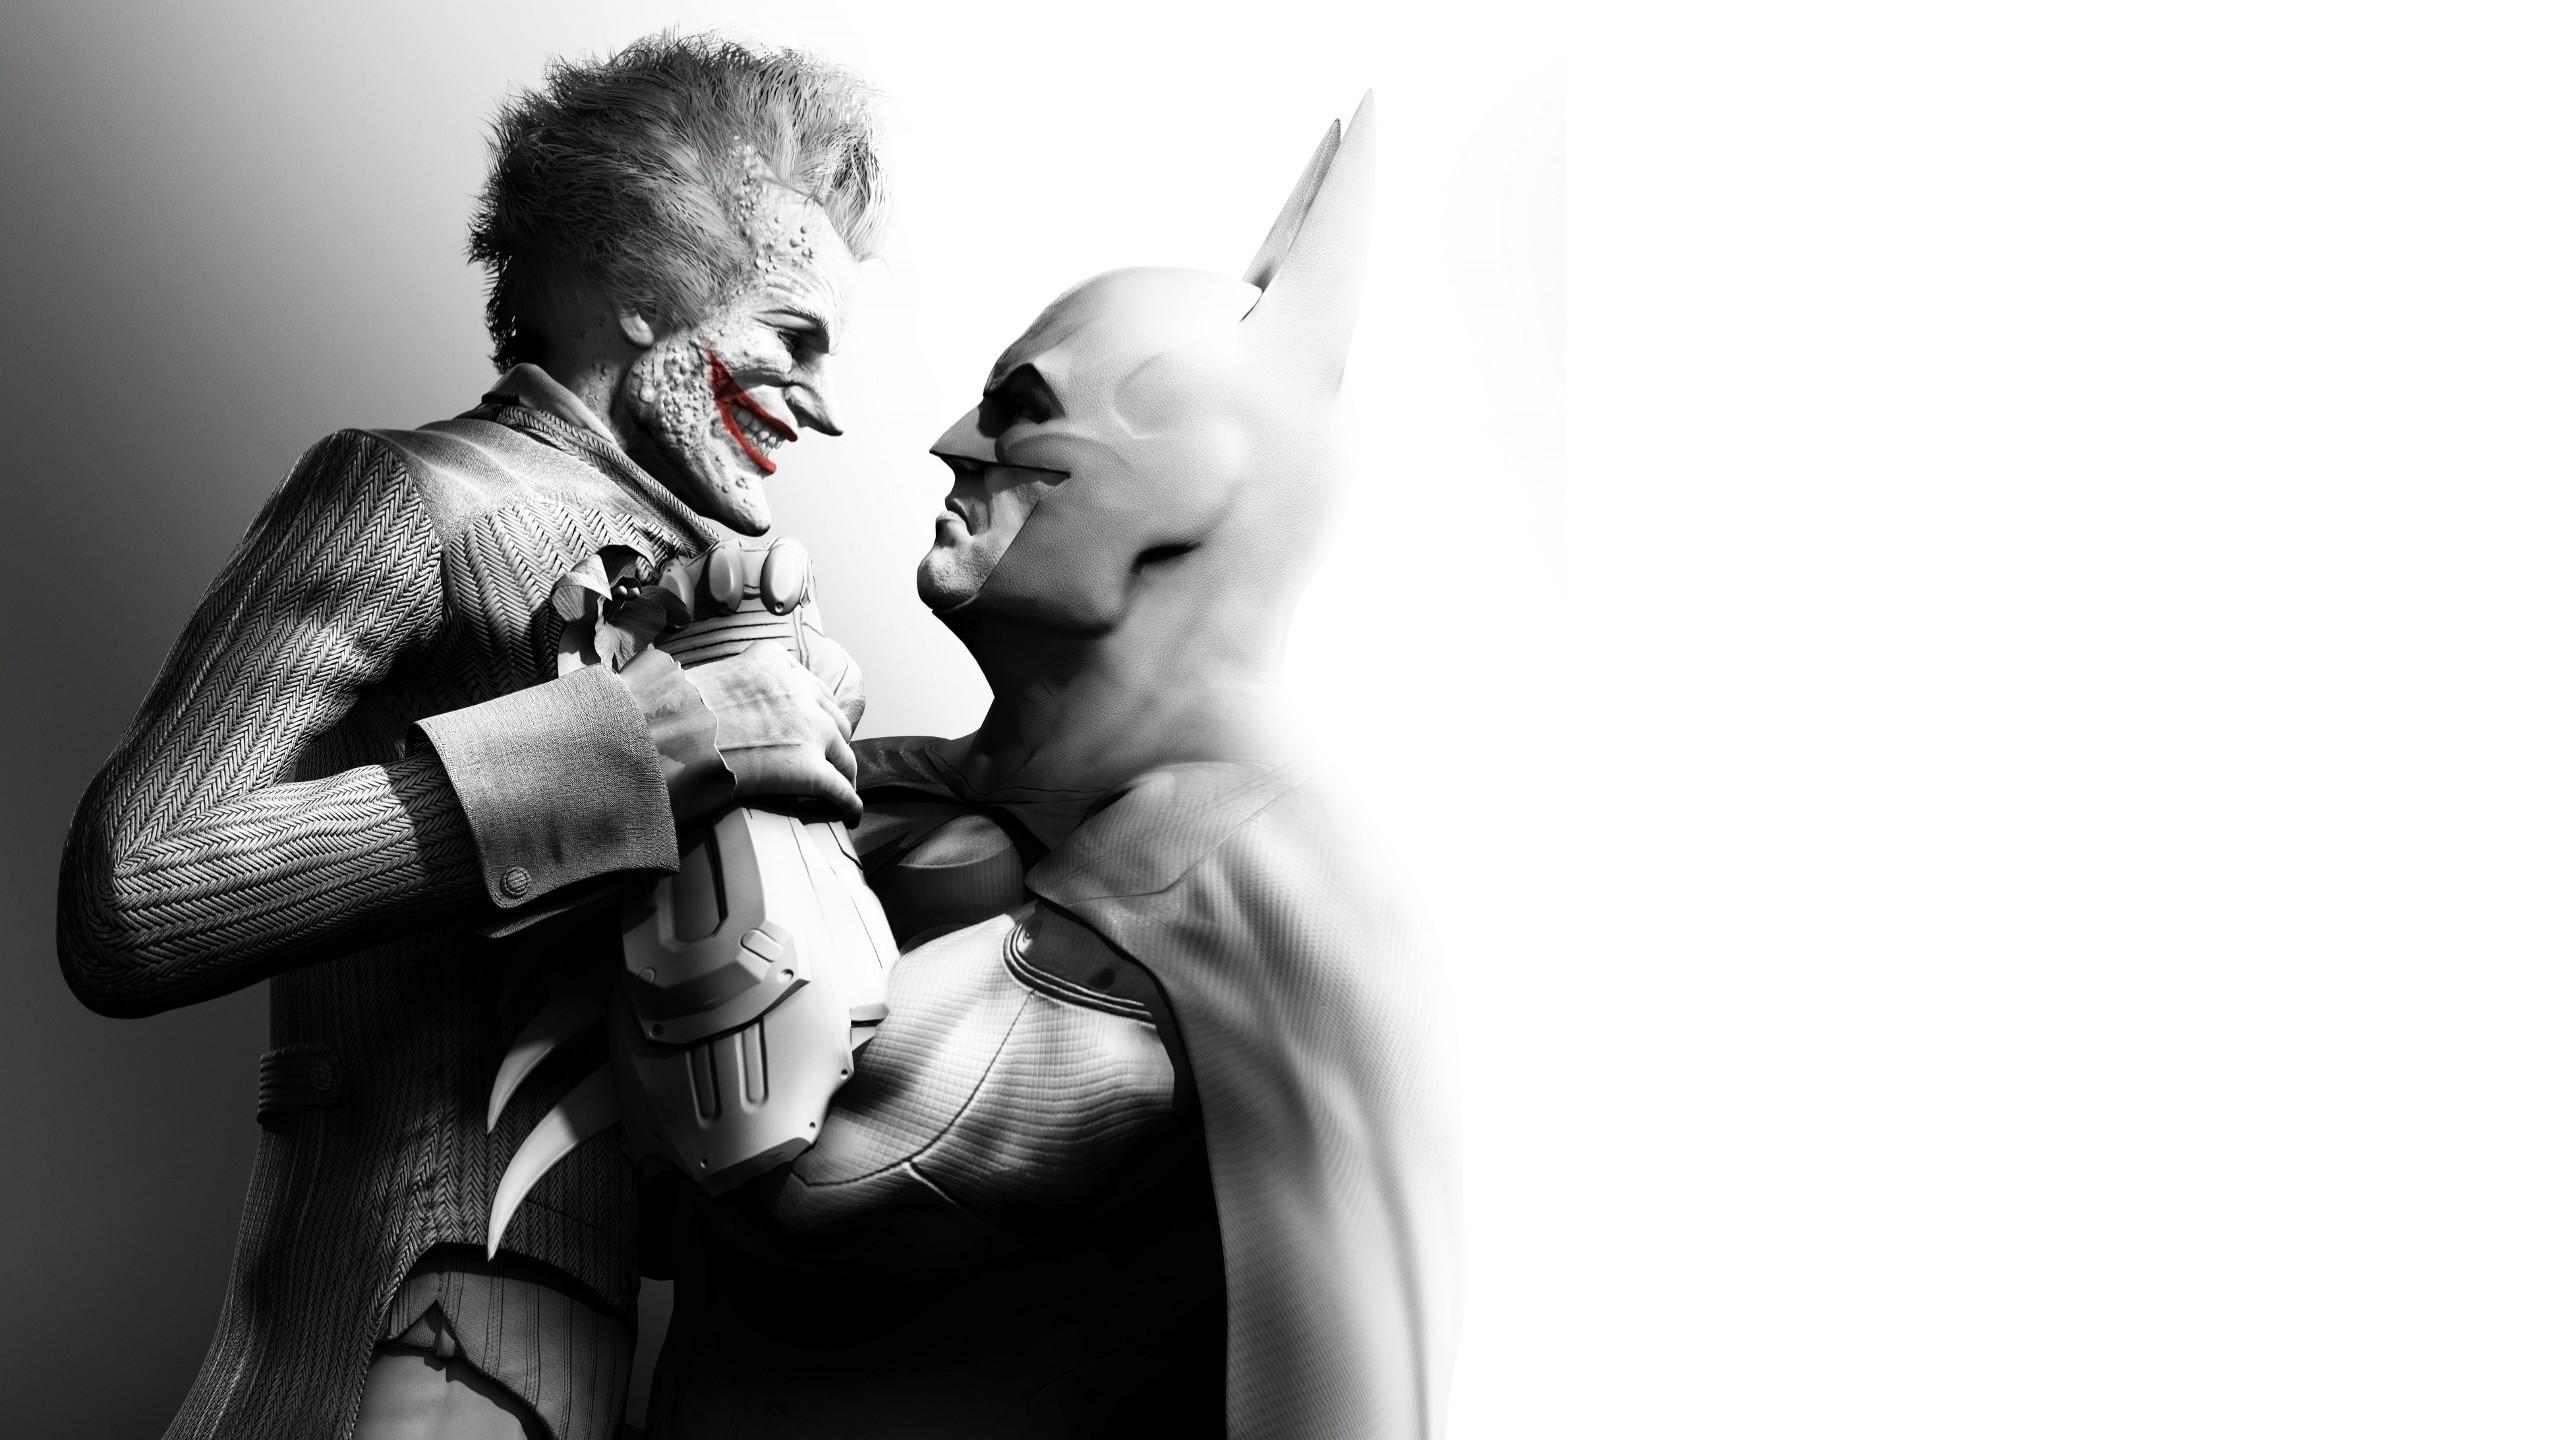 Wallpaper 2560x1440 Px Batman Arkham City Joker Video Games